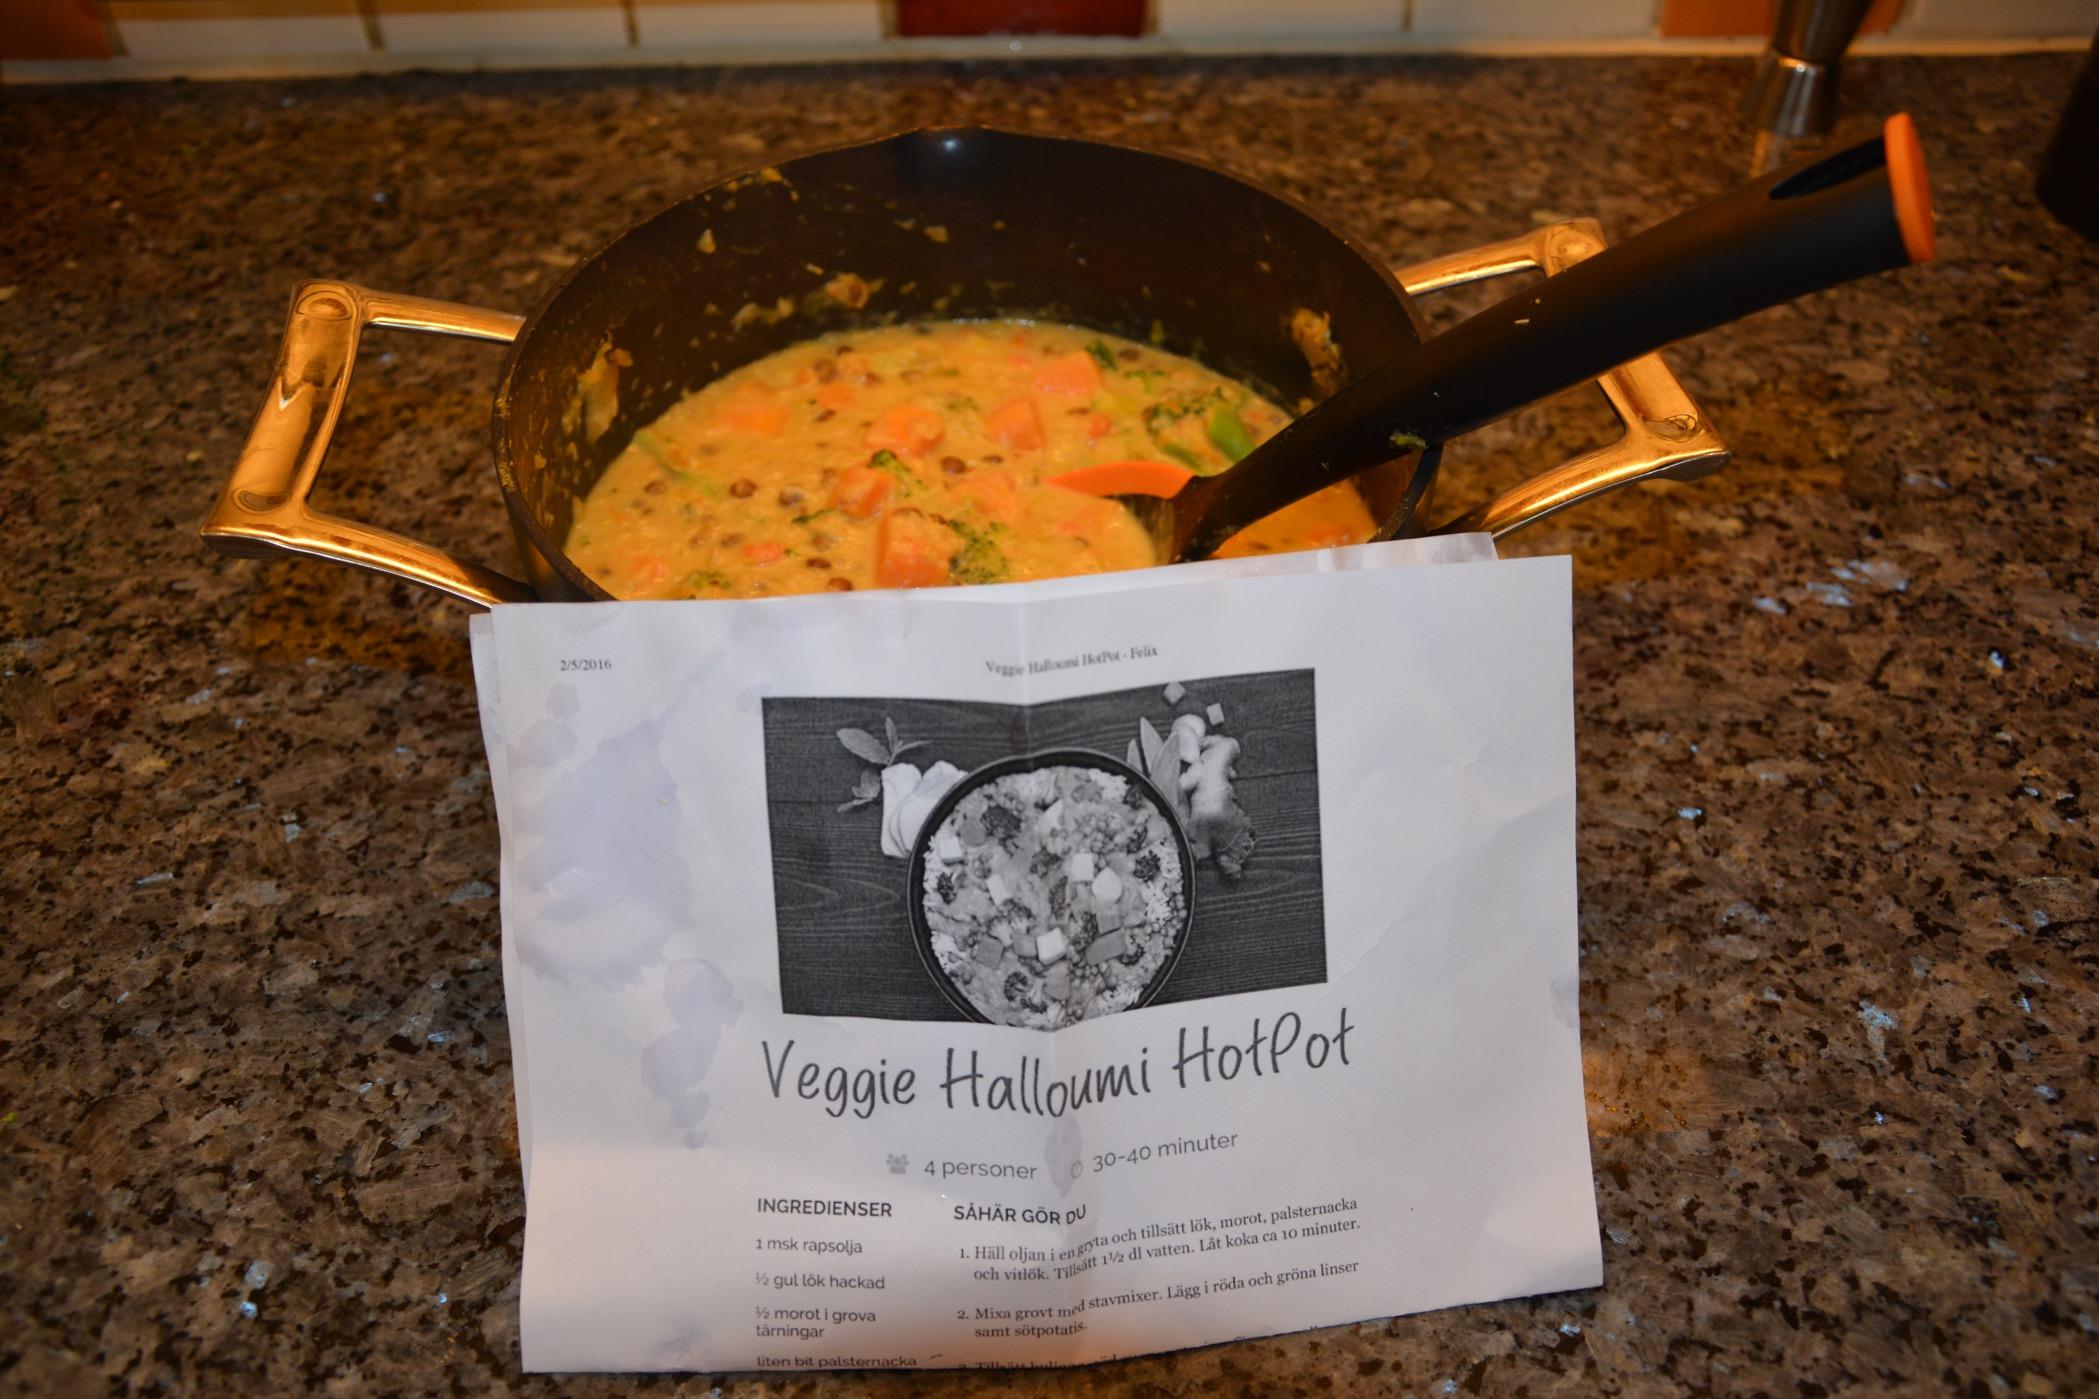 halloumi hot pot recept